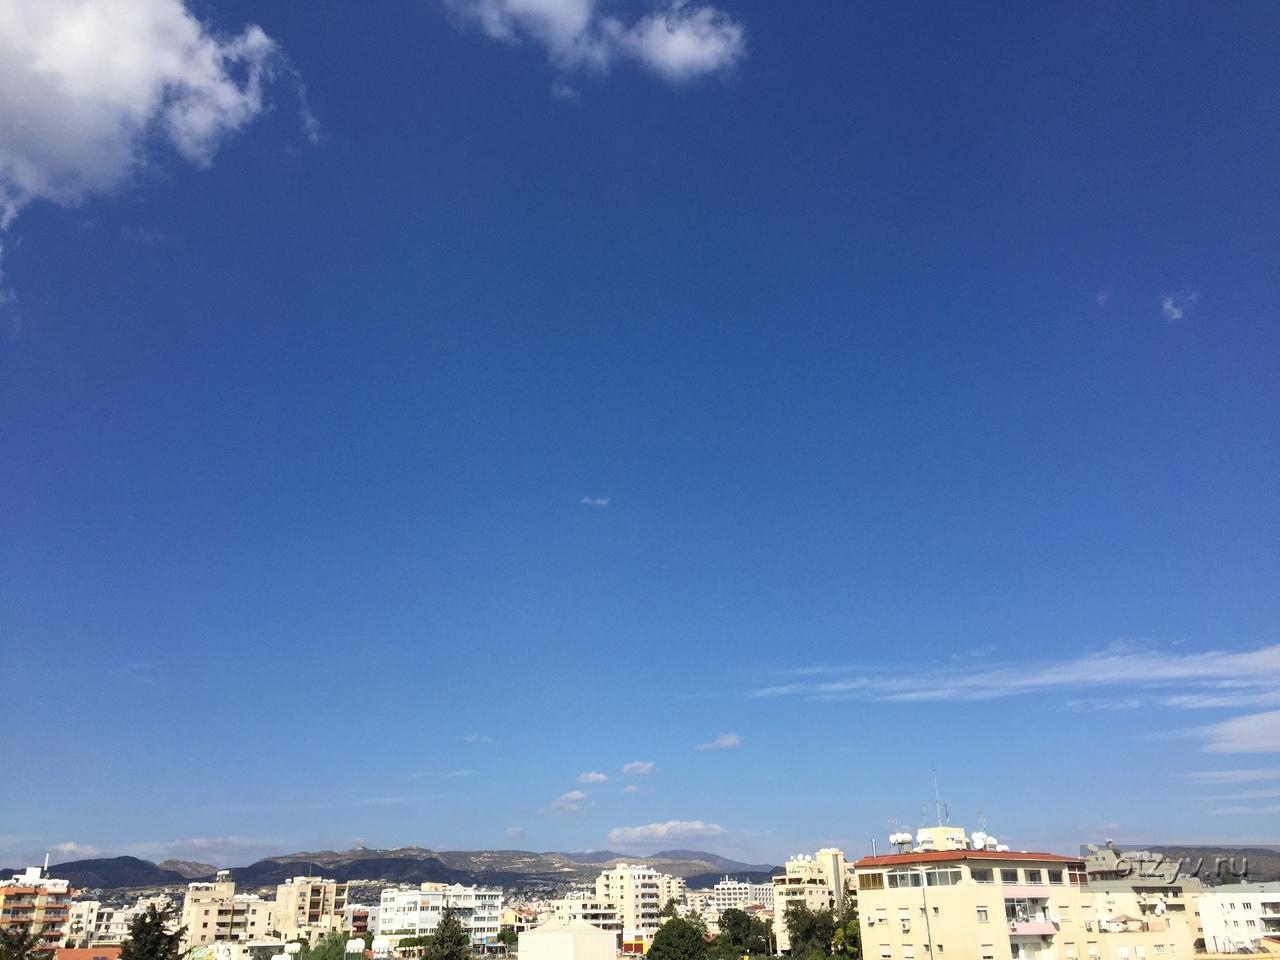 SINOPTIK: Погода на Кипре, прогноз погоды в городах и